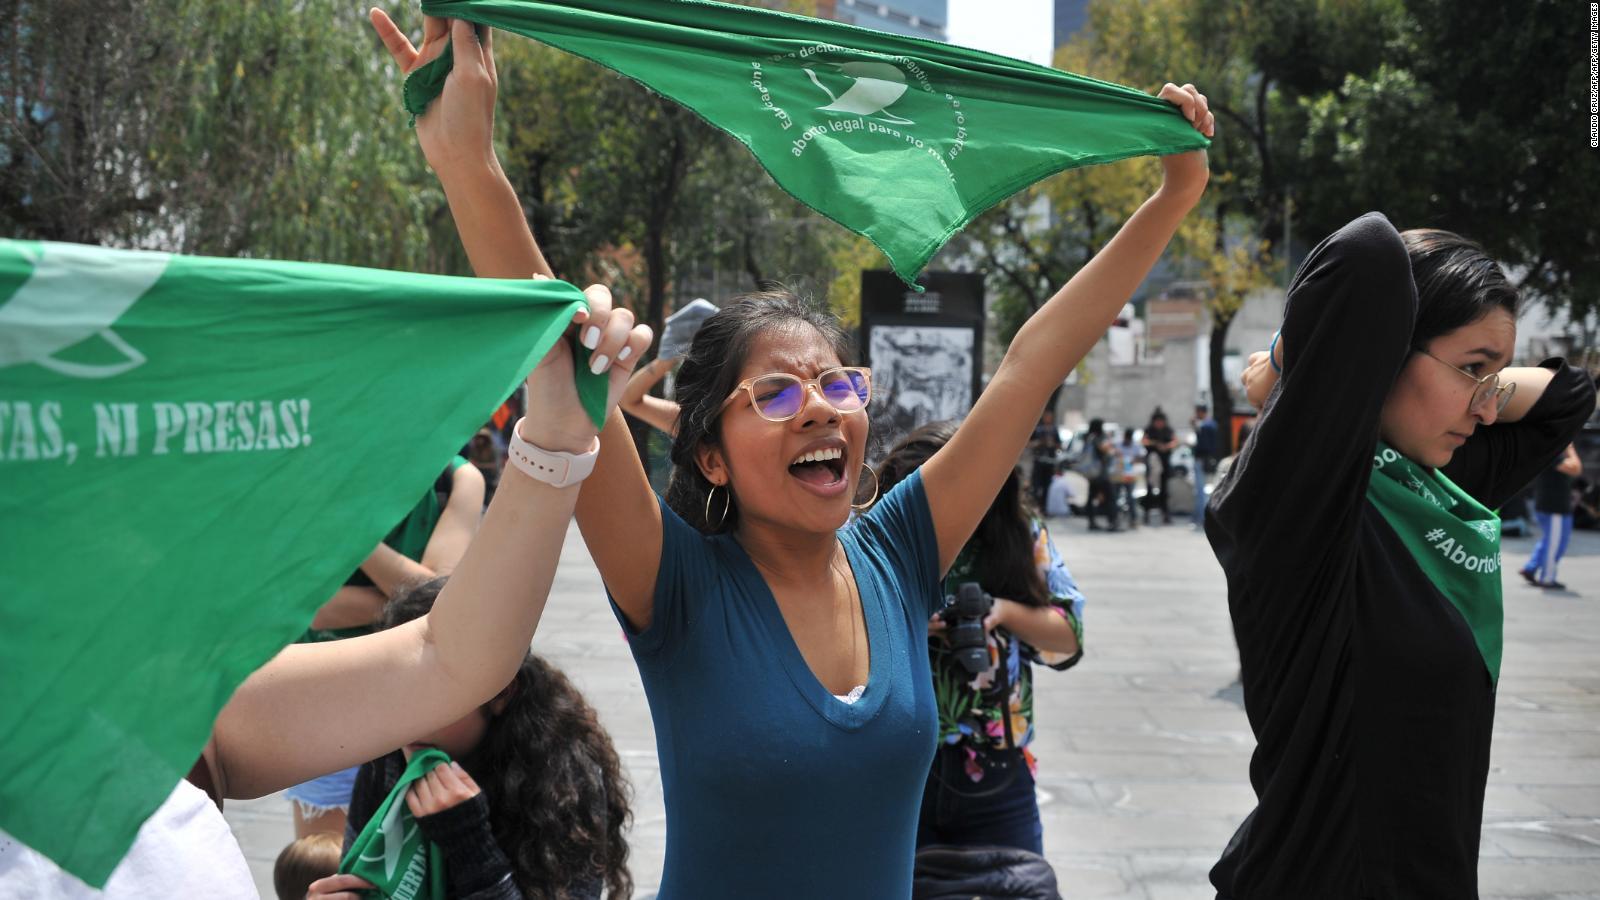 Mexicanas marcharon con pañuelos verdes para exigir la despenalización del aborto a escala nacional